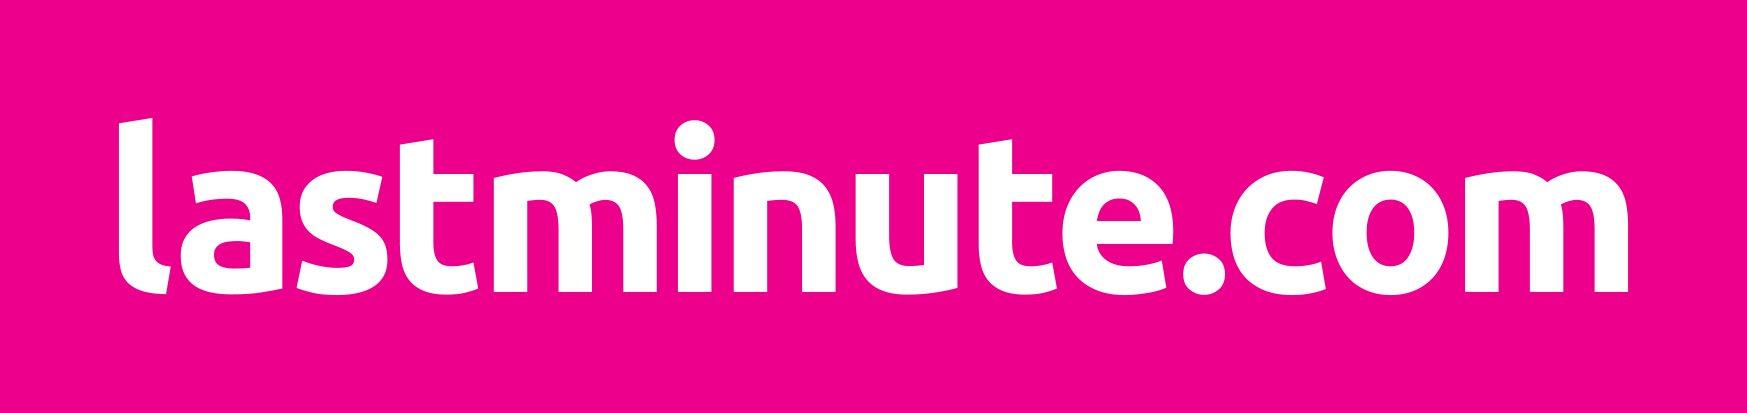 logo lastminute.com